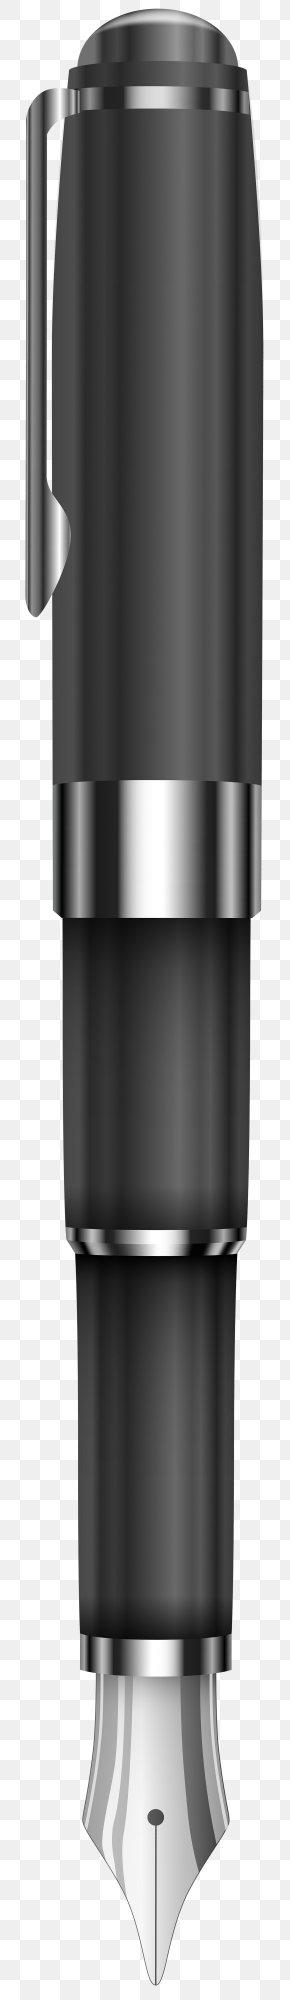 Ballpoint Pen Transparent Clip Art Image - Paper Ballpoint Pen Fountain Pen Homeworker PNG